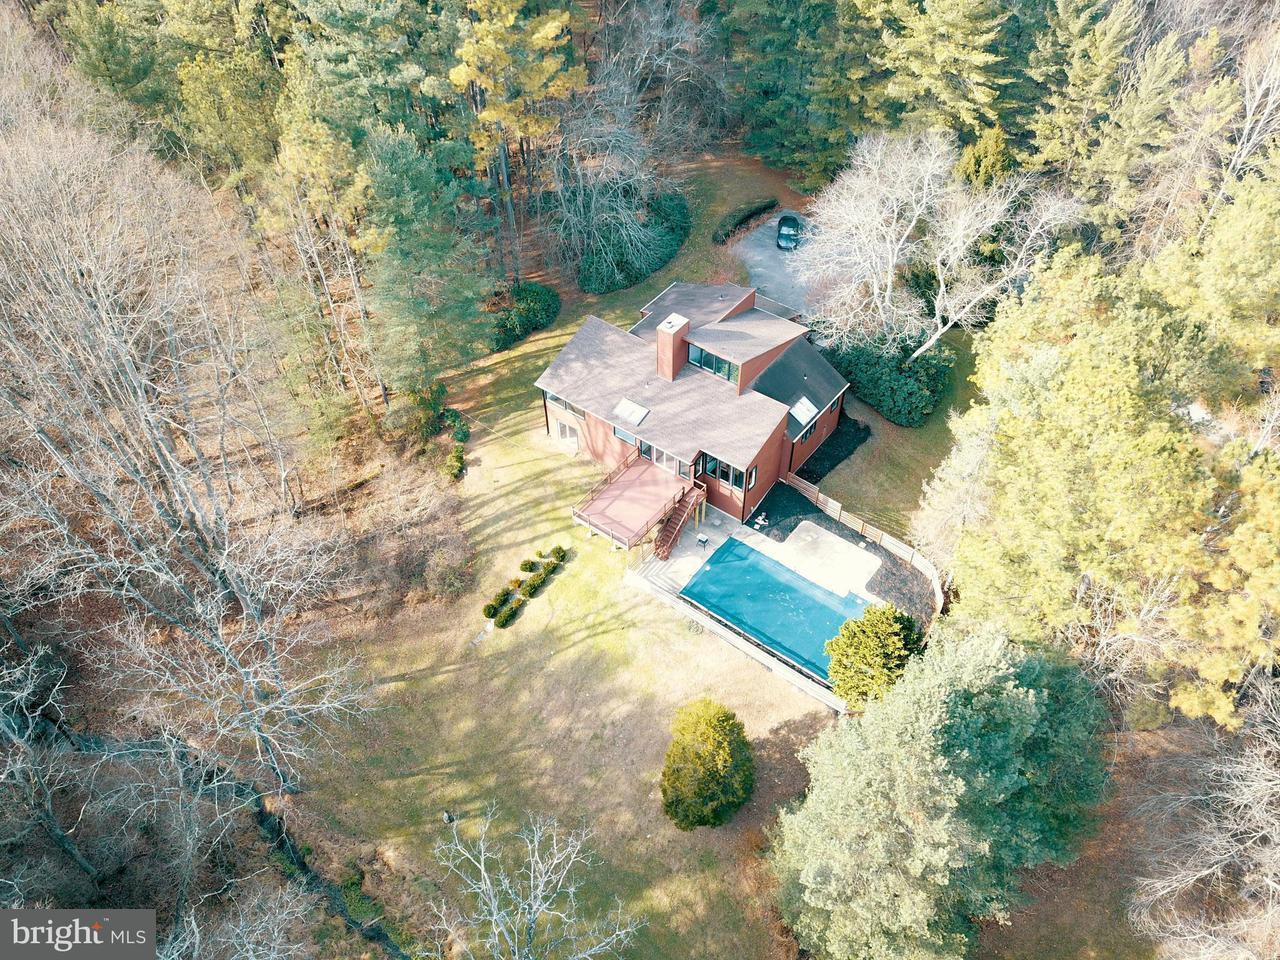 一戸建て のために 売買 アット 16304 FALLS Road 16304 FALLS Road Upperco, メリーランド 21155 アメリカ合衆国